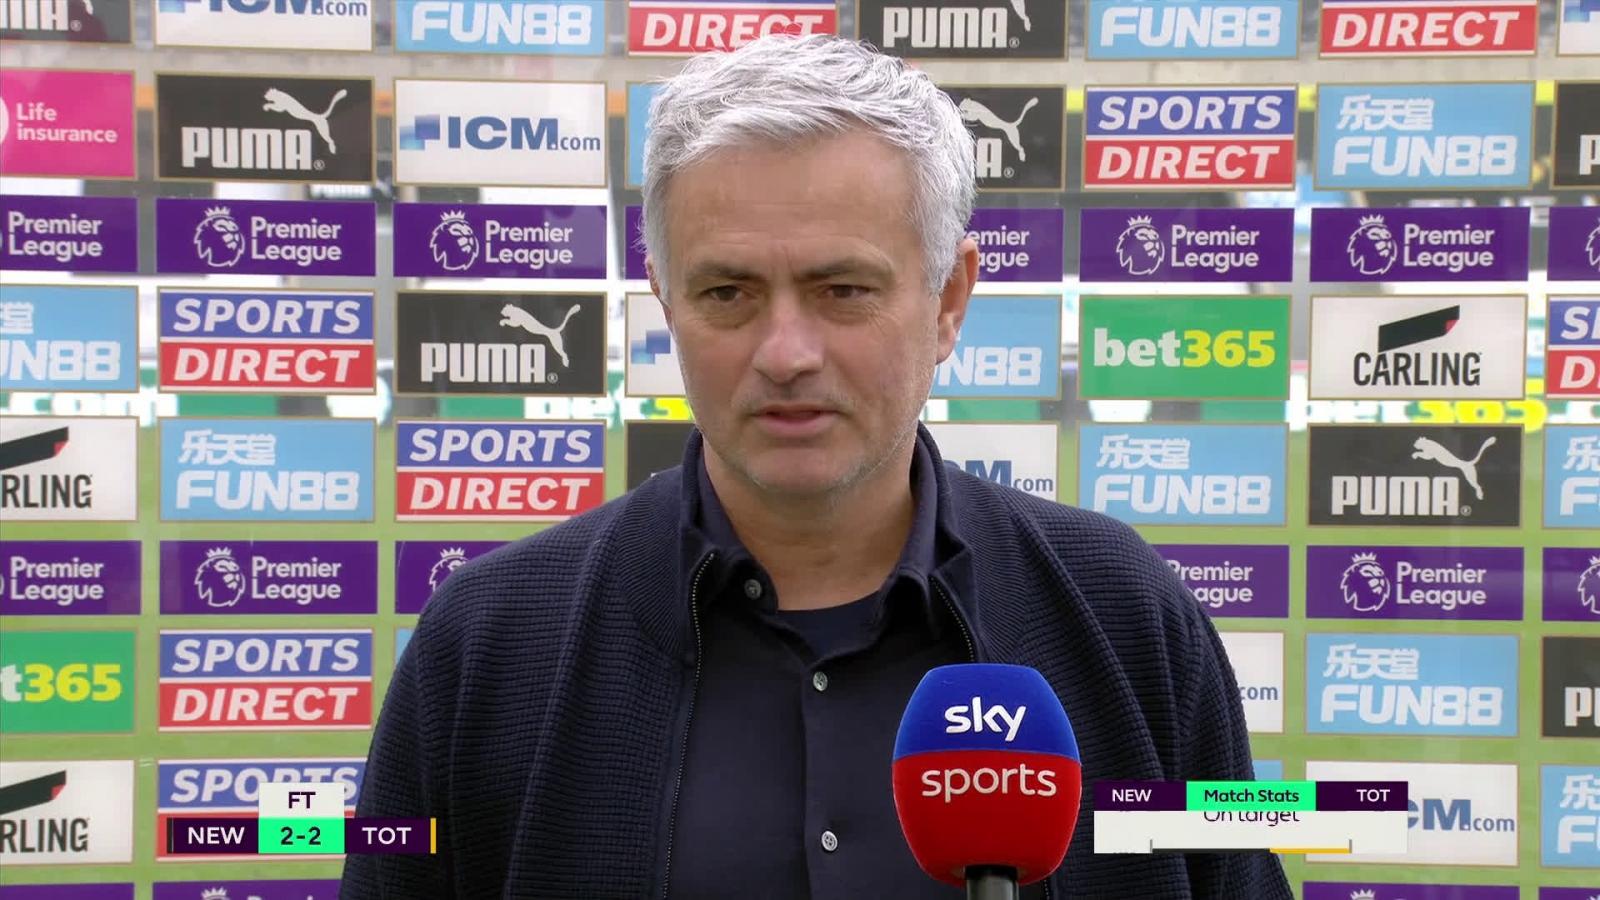 Lỡ cơ hội vào top 4, Mourinho đáp trả đanh đá trước câu hỏi xoáy